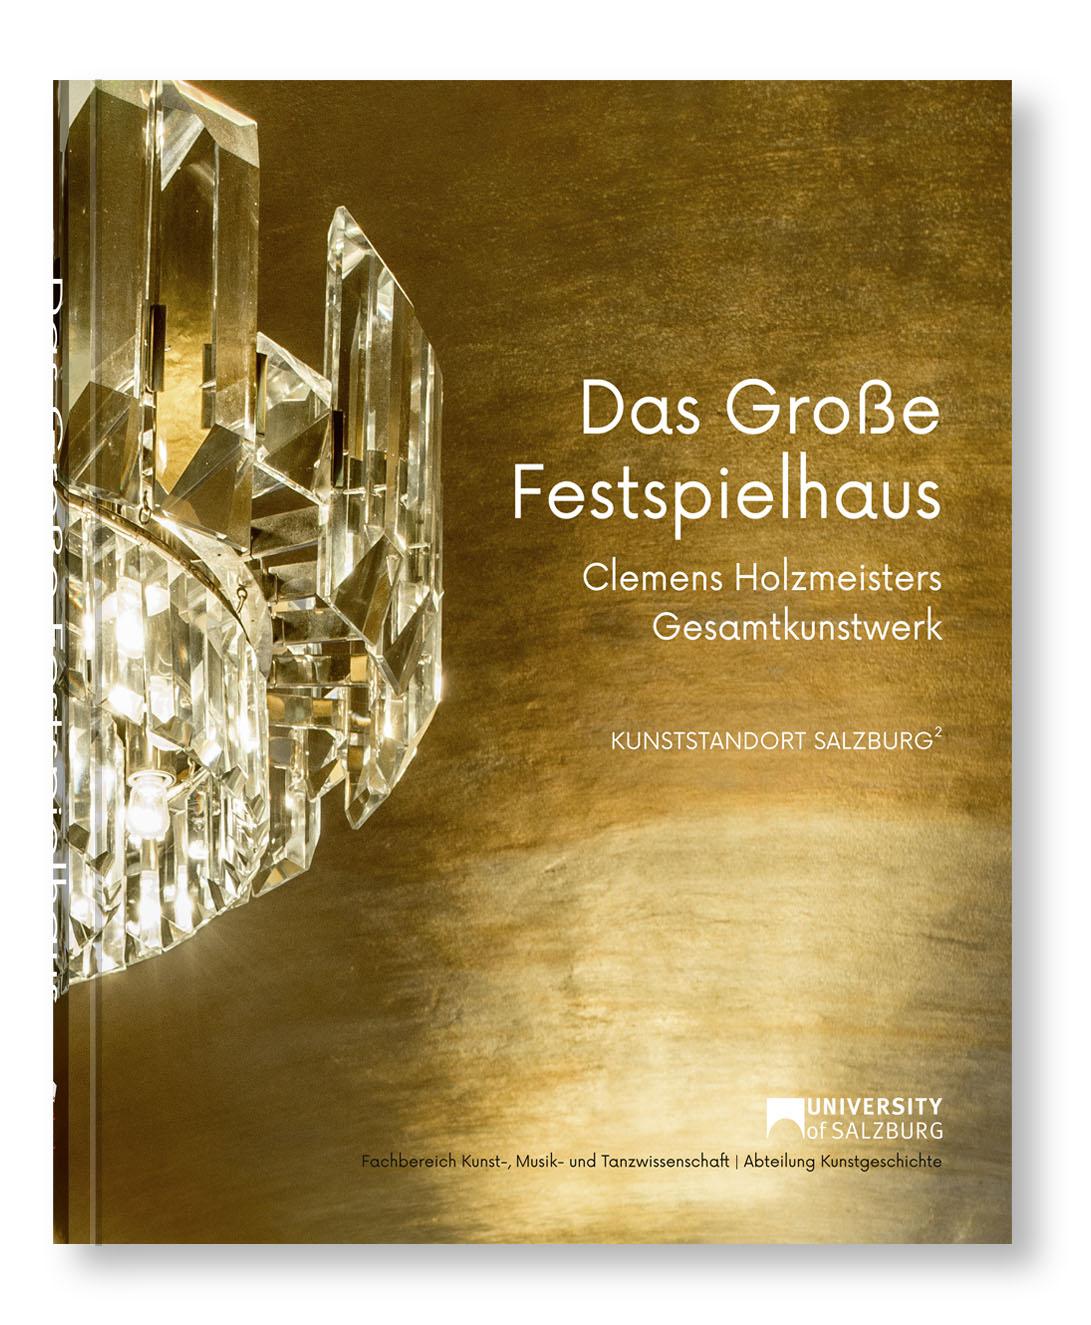 Das Große Festspielhaus, Clemens Holzmeister